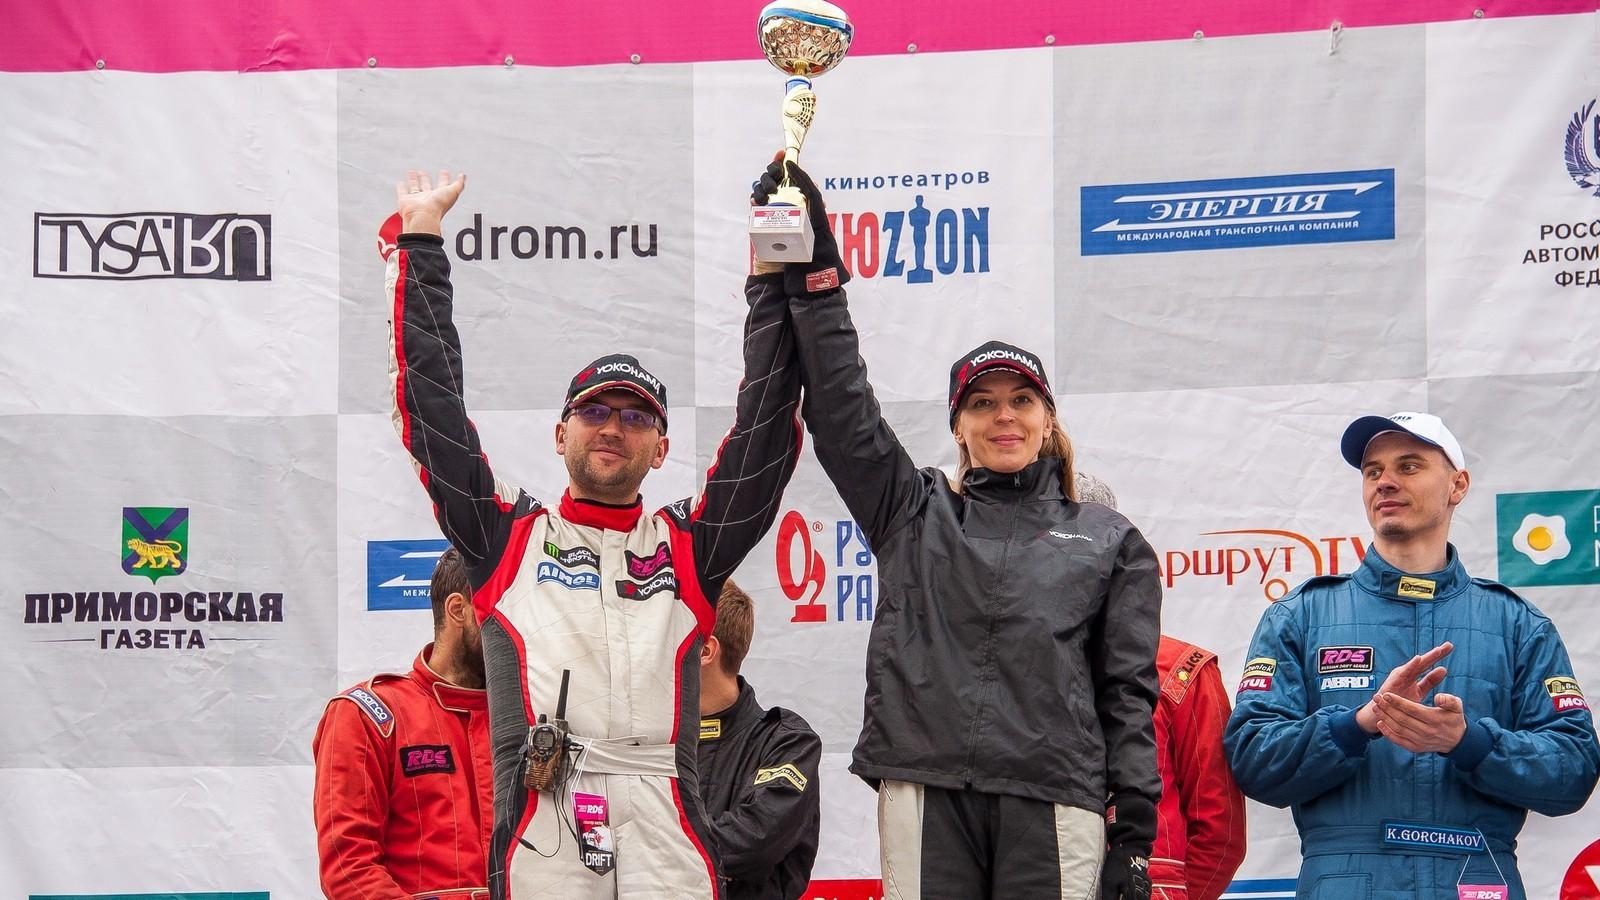 Второе место на этапе занял Максим Седых, третье – Екатерина Седых. Оба пилота представляют Team Yokohama, победившую в командном зачете.